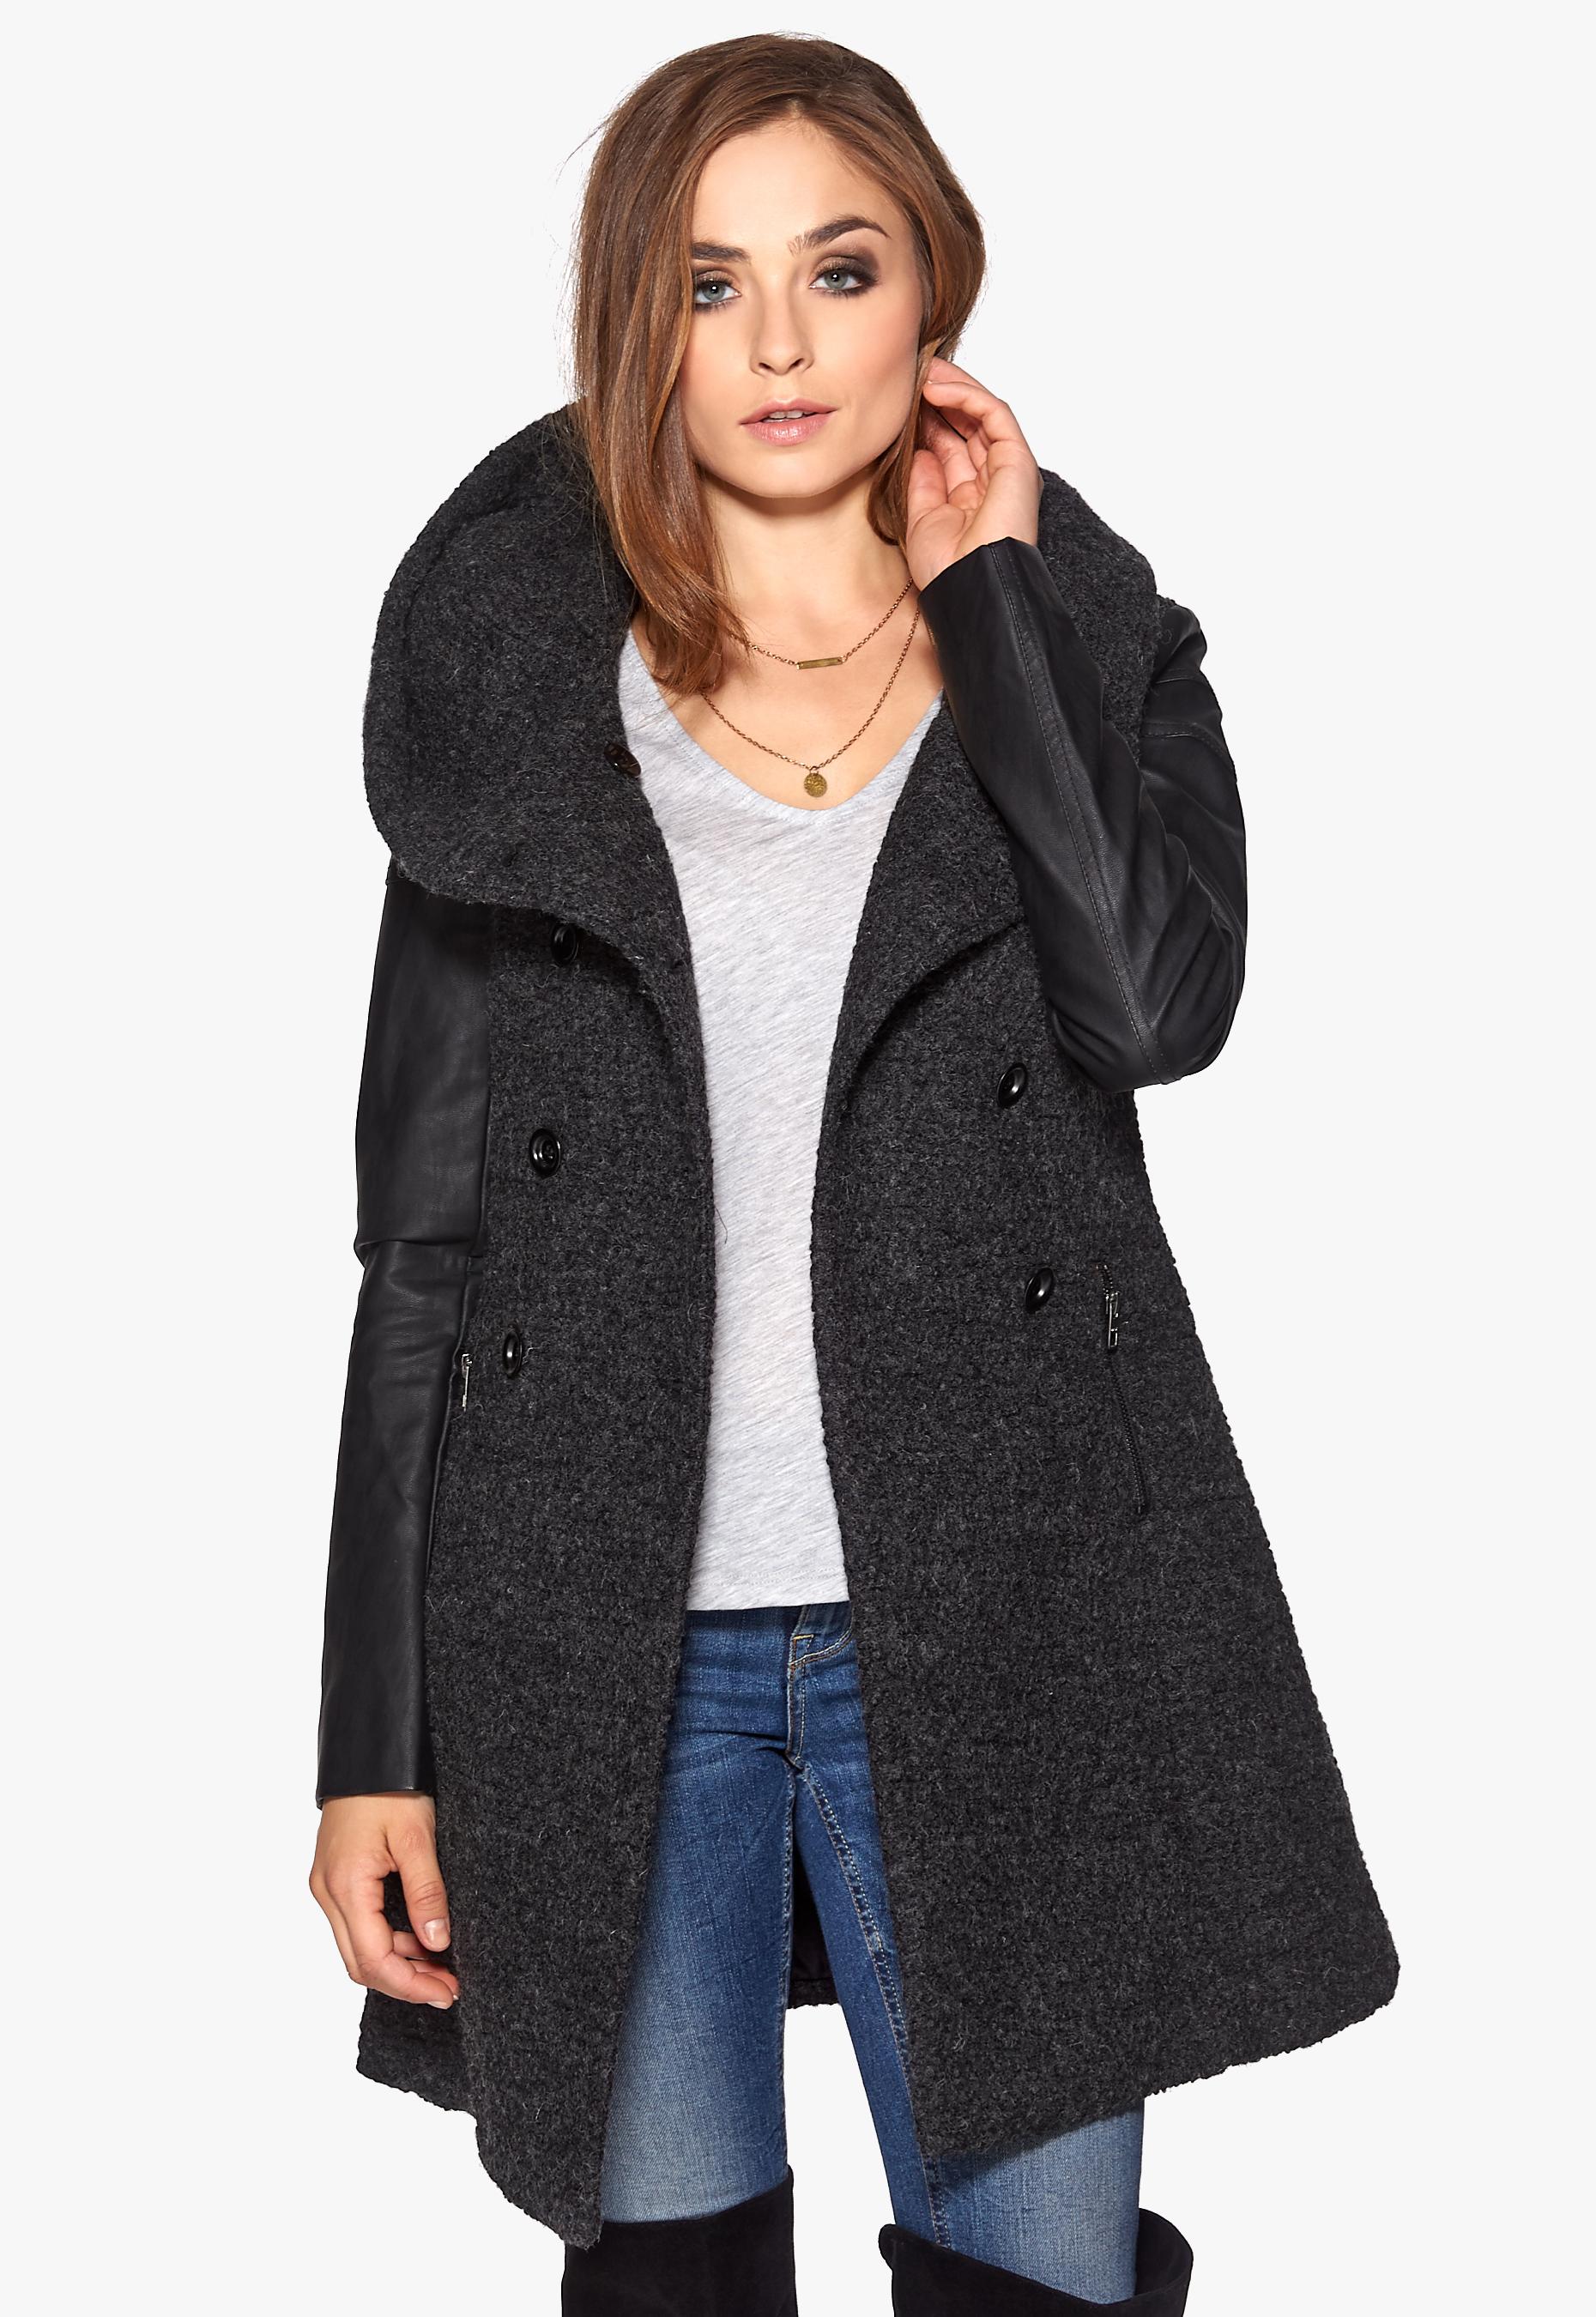 Welcher Only Damen-Mantel eignet sich für welche Figur?